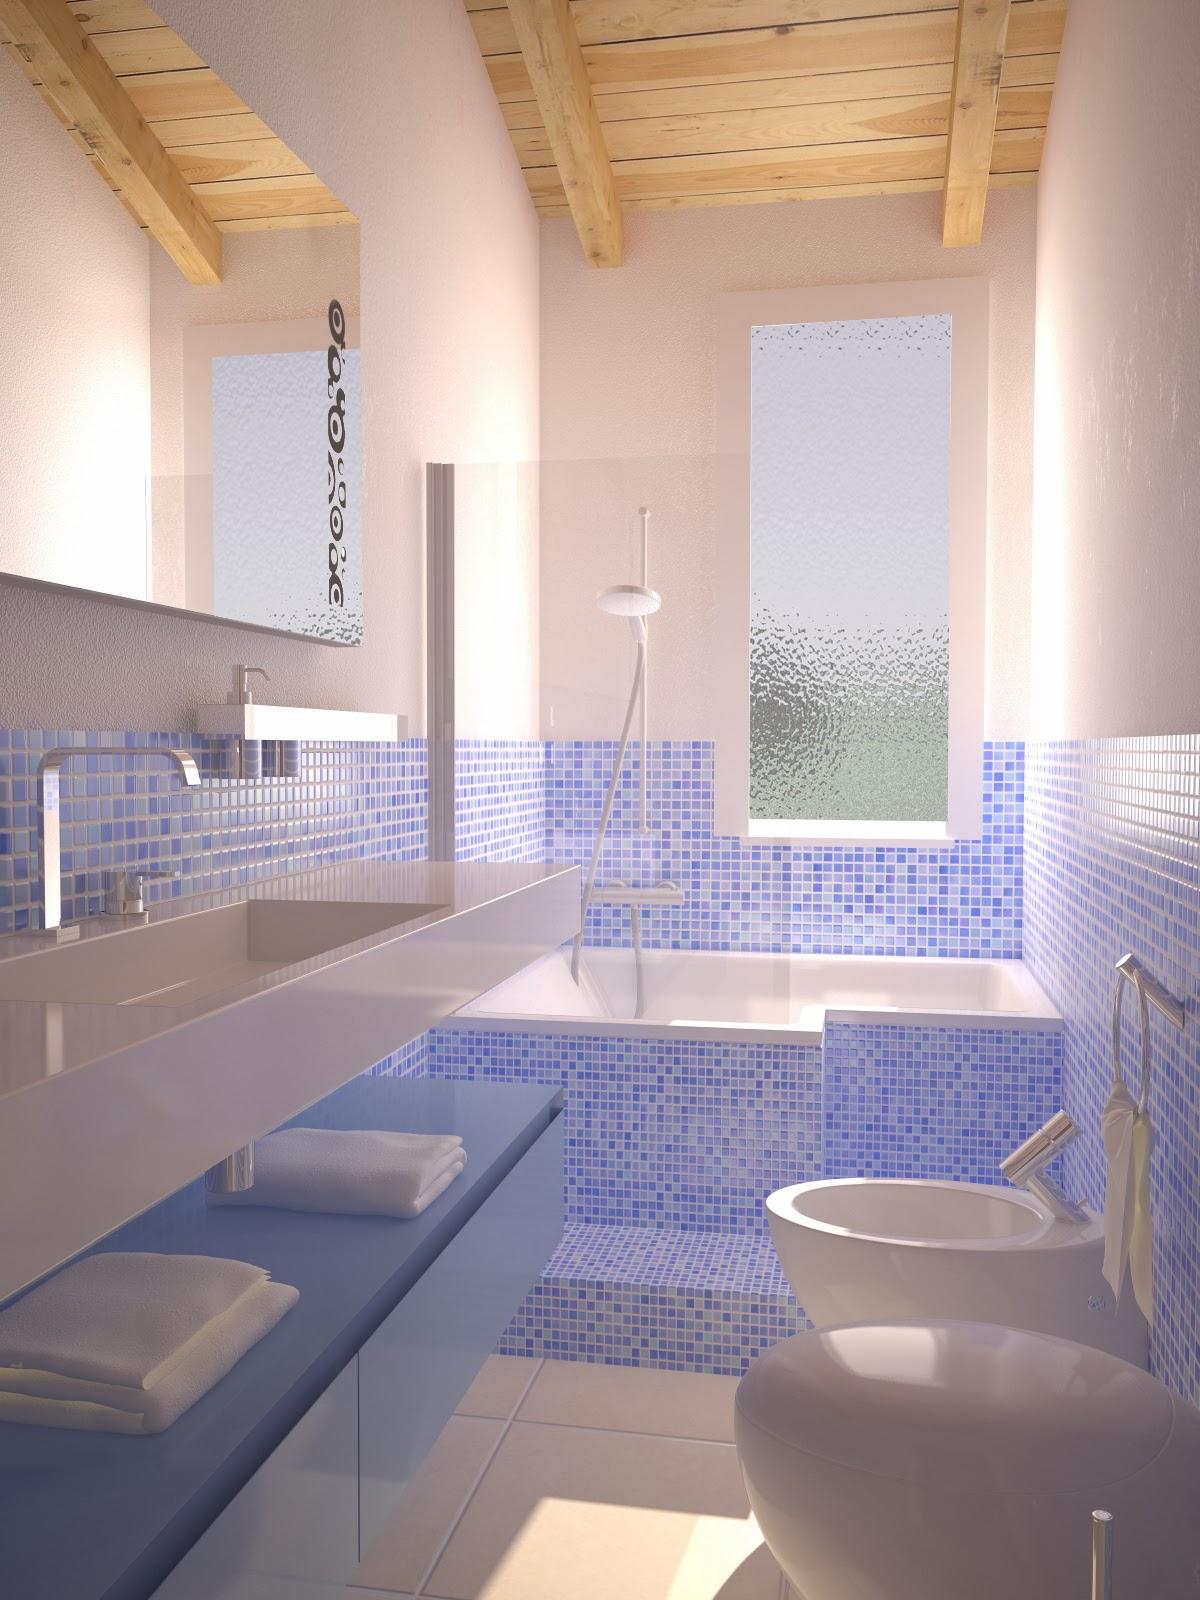 Il mio angolo nel mondo arredare il bagno idee for Elementi bagno